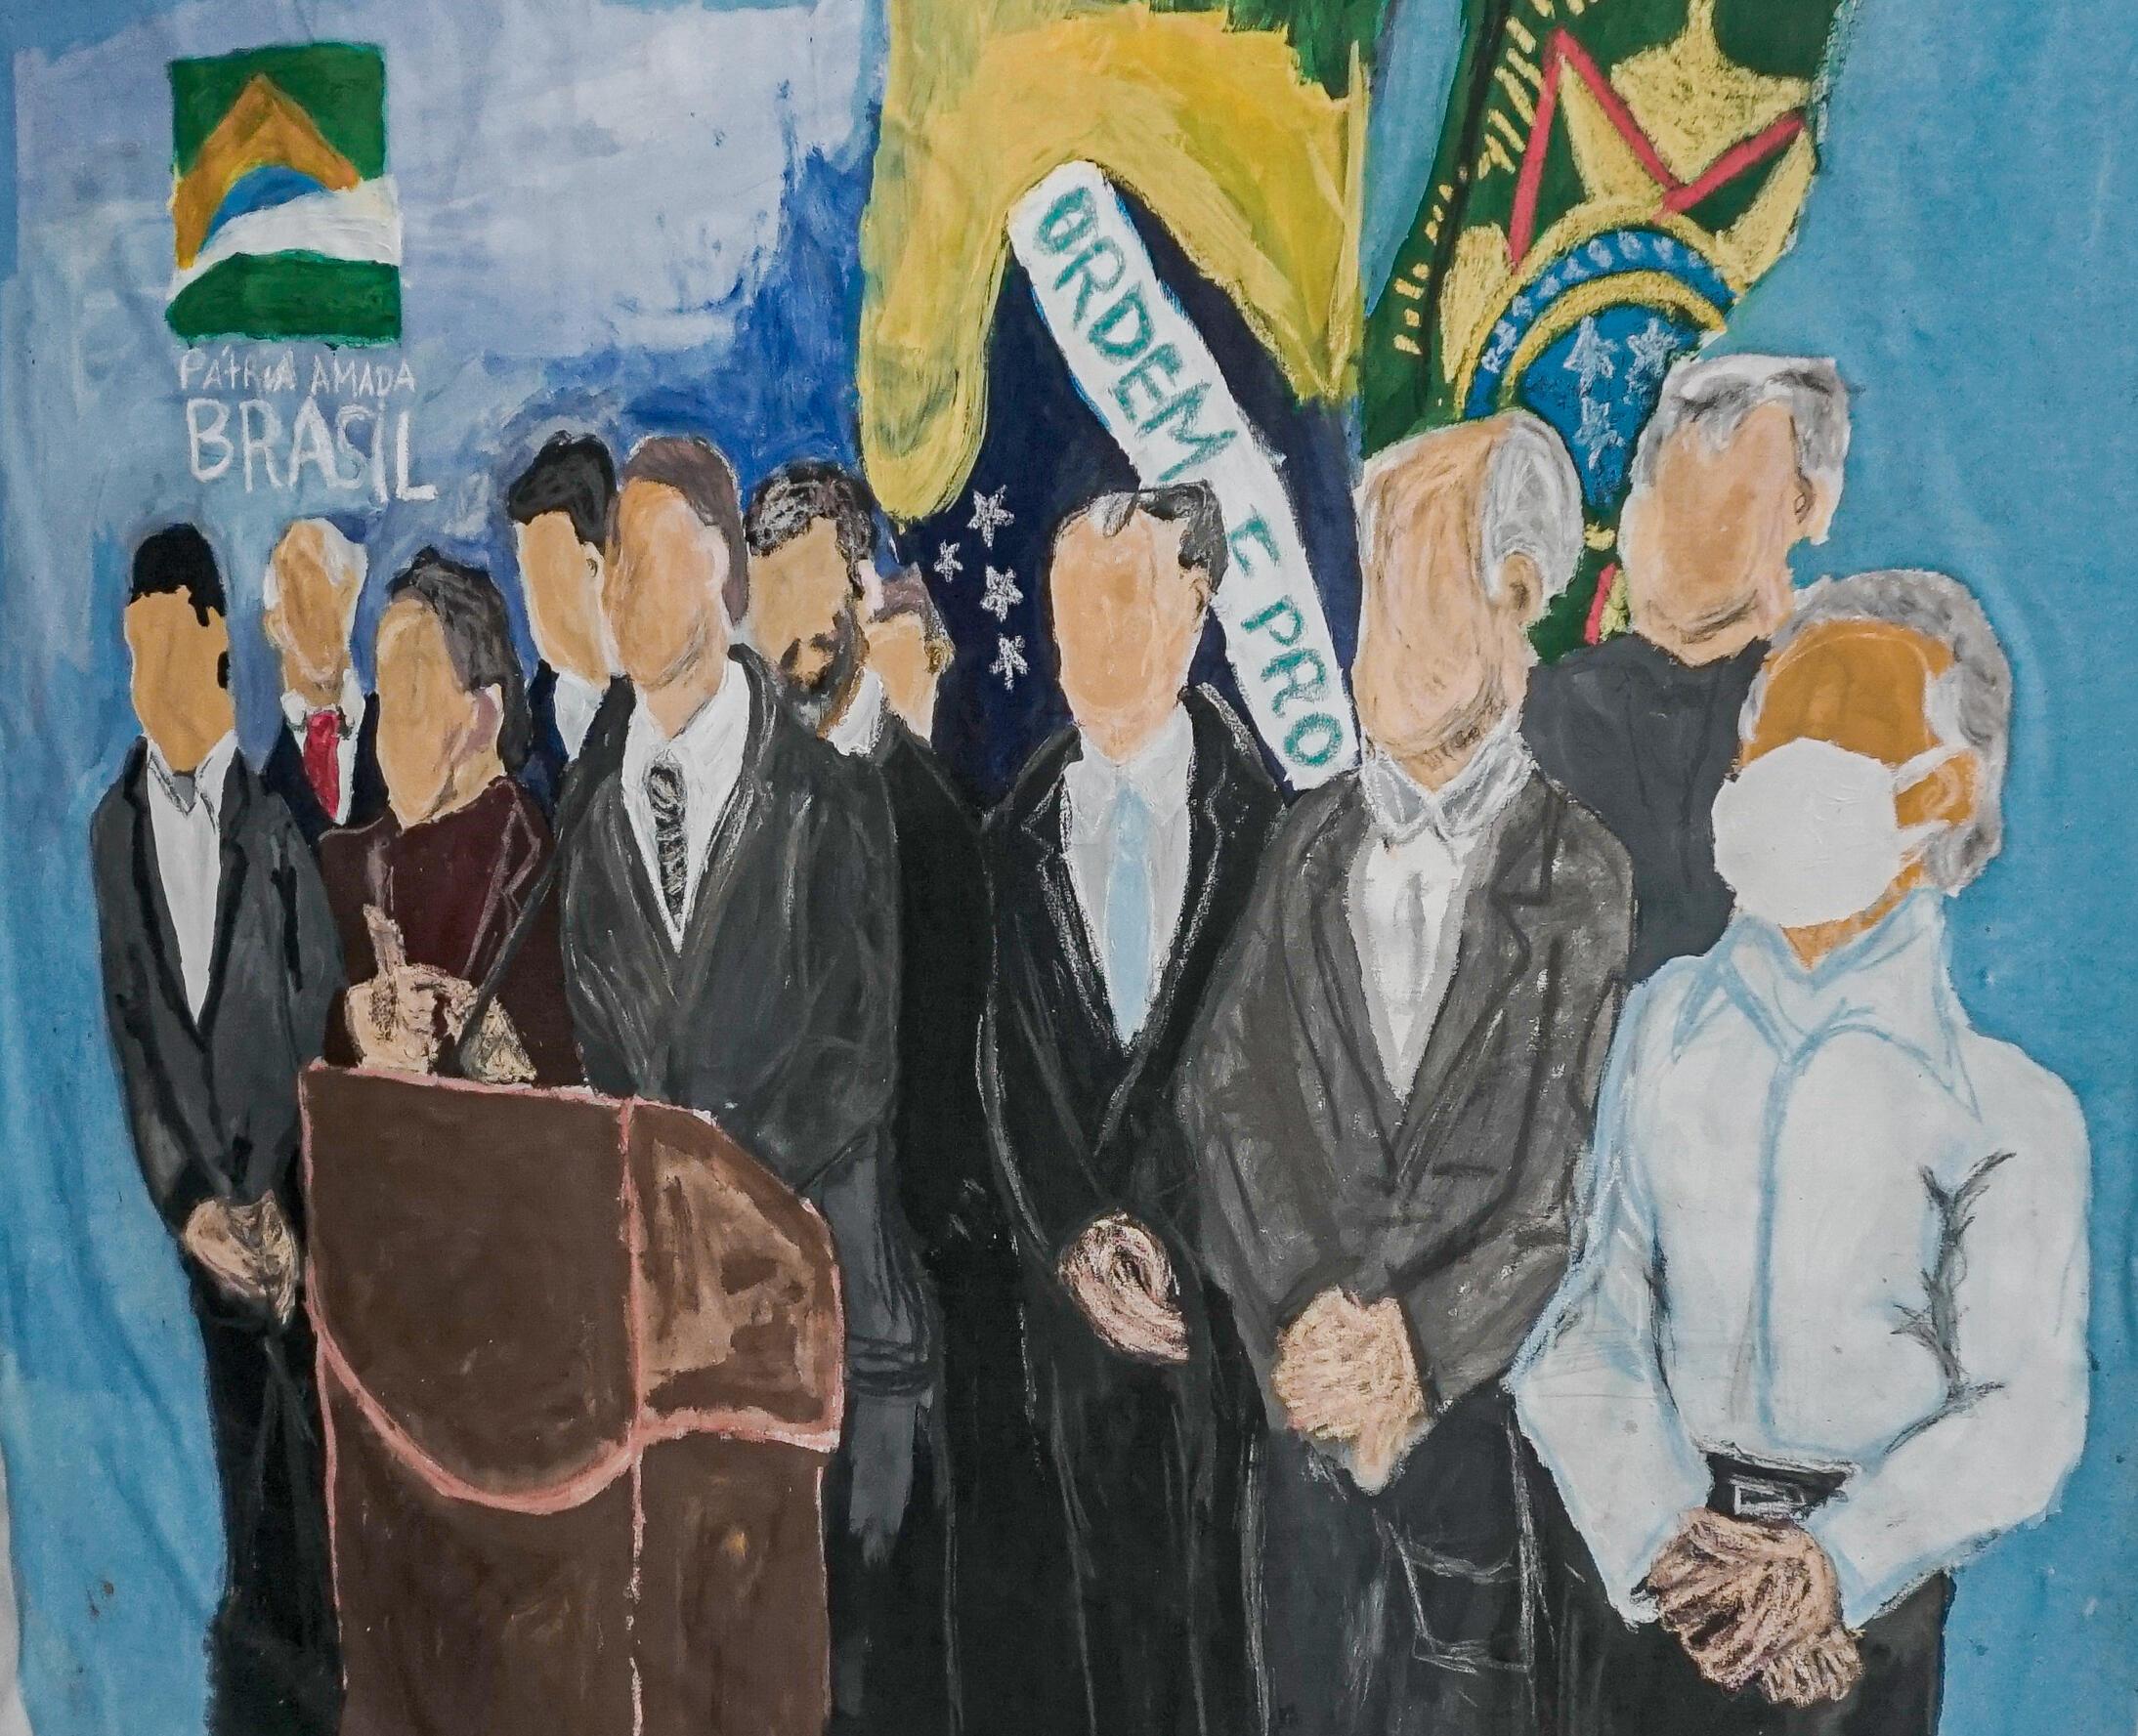 """A obra """"O que é melhor, a gente discutir acordos políticos ou a cor dos políticos"""" é assinada por Elian Almeida, um dos artistas presentes no evento na """"exposição manifesto"""""""